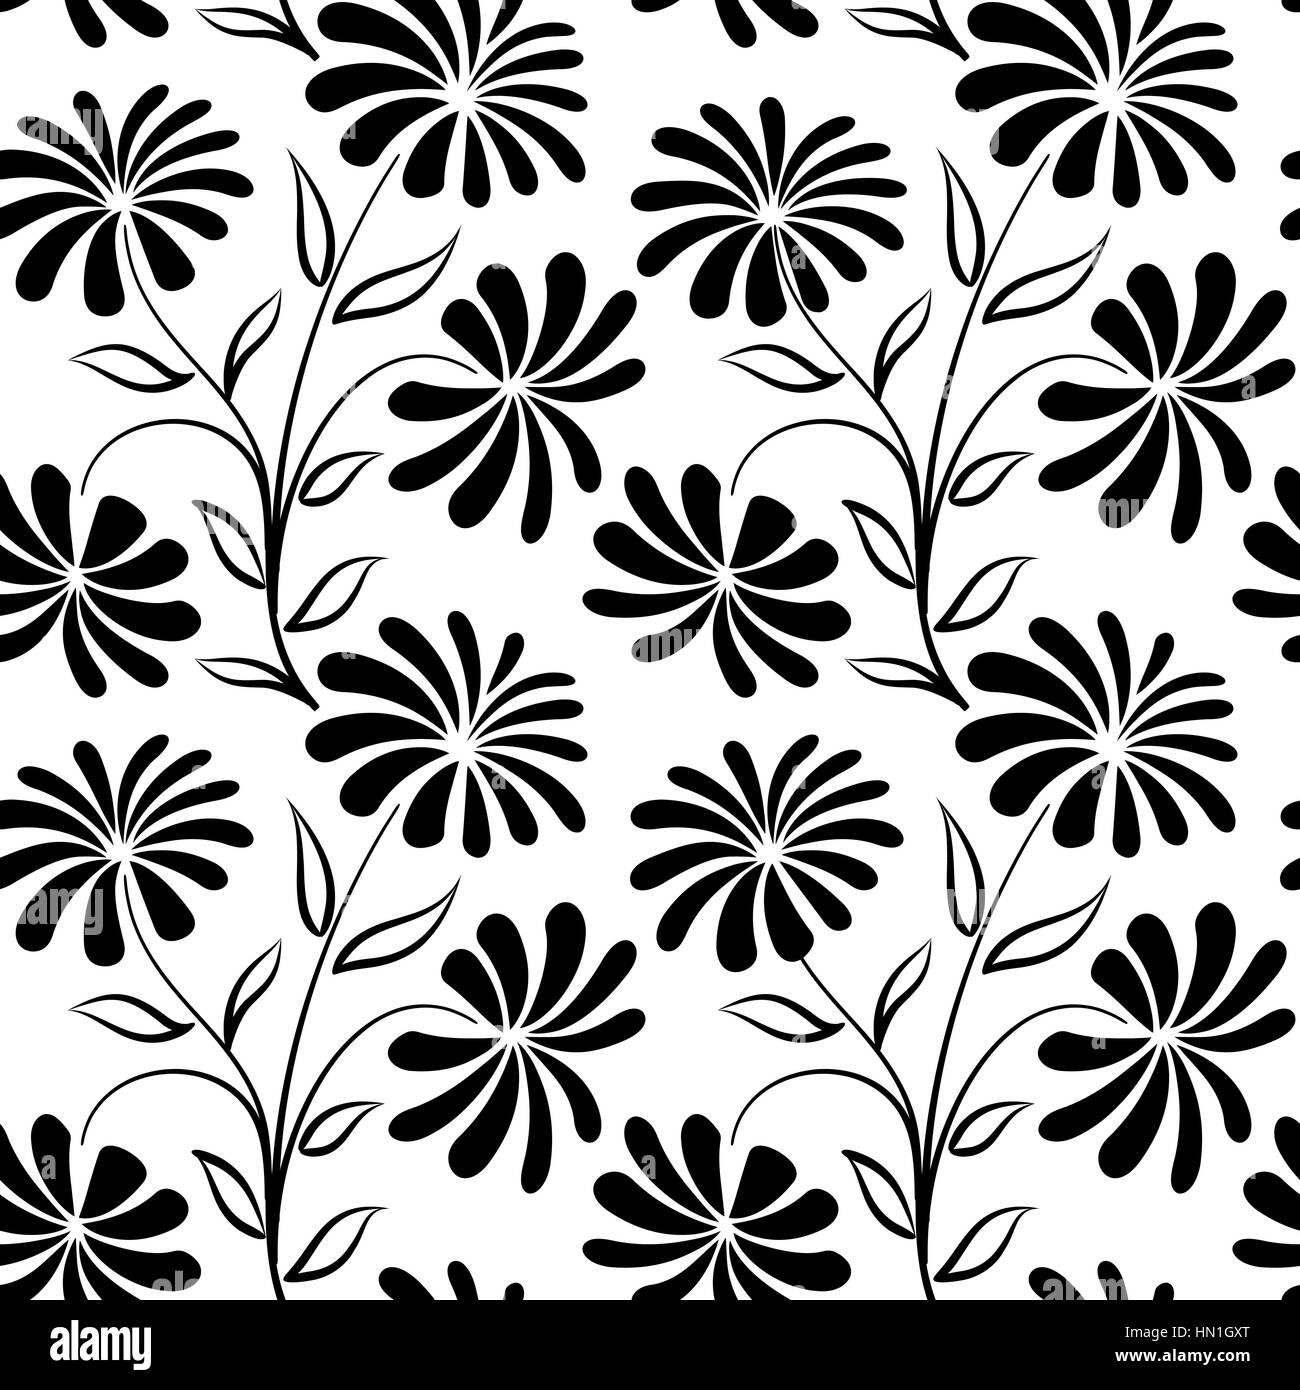 Motif Transparent Floral Bouquet De Fleurs Arriere Plan Floral